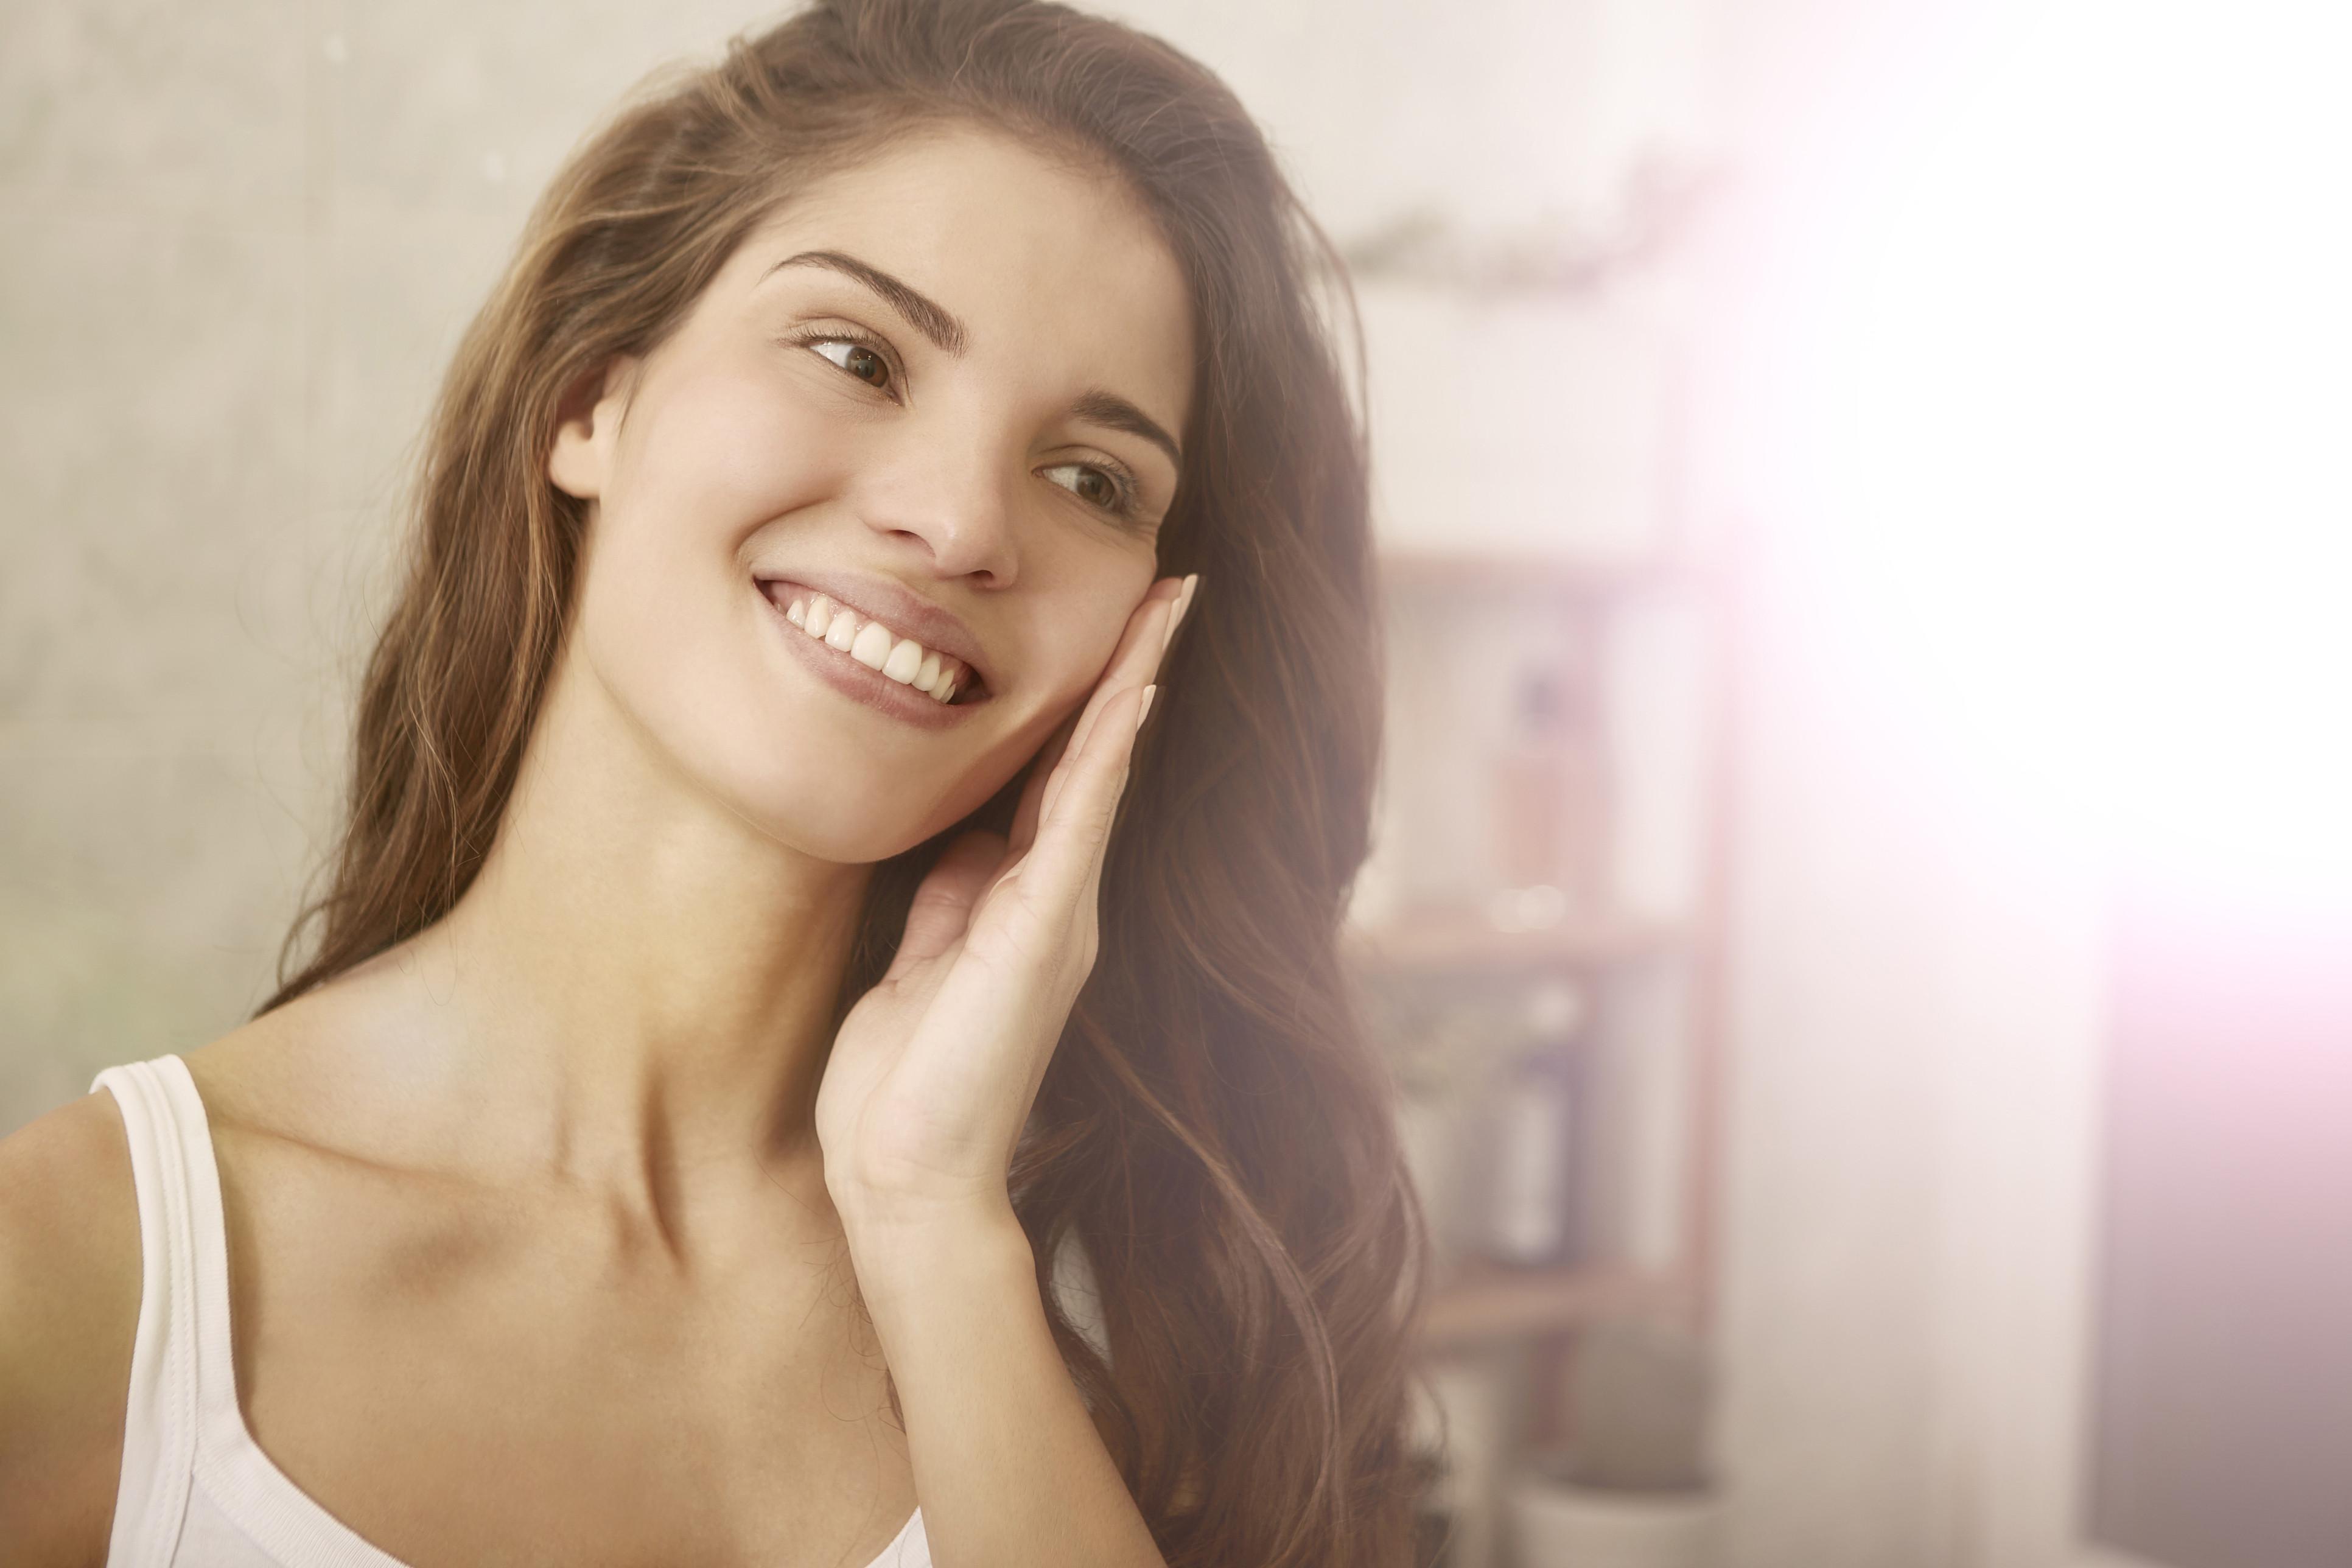 Quatro etapas para tratar rugas, linhas finas e pele sem vida